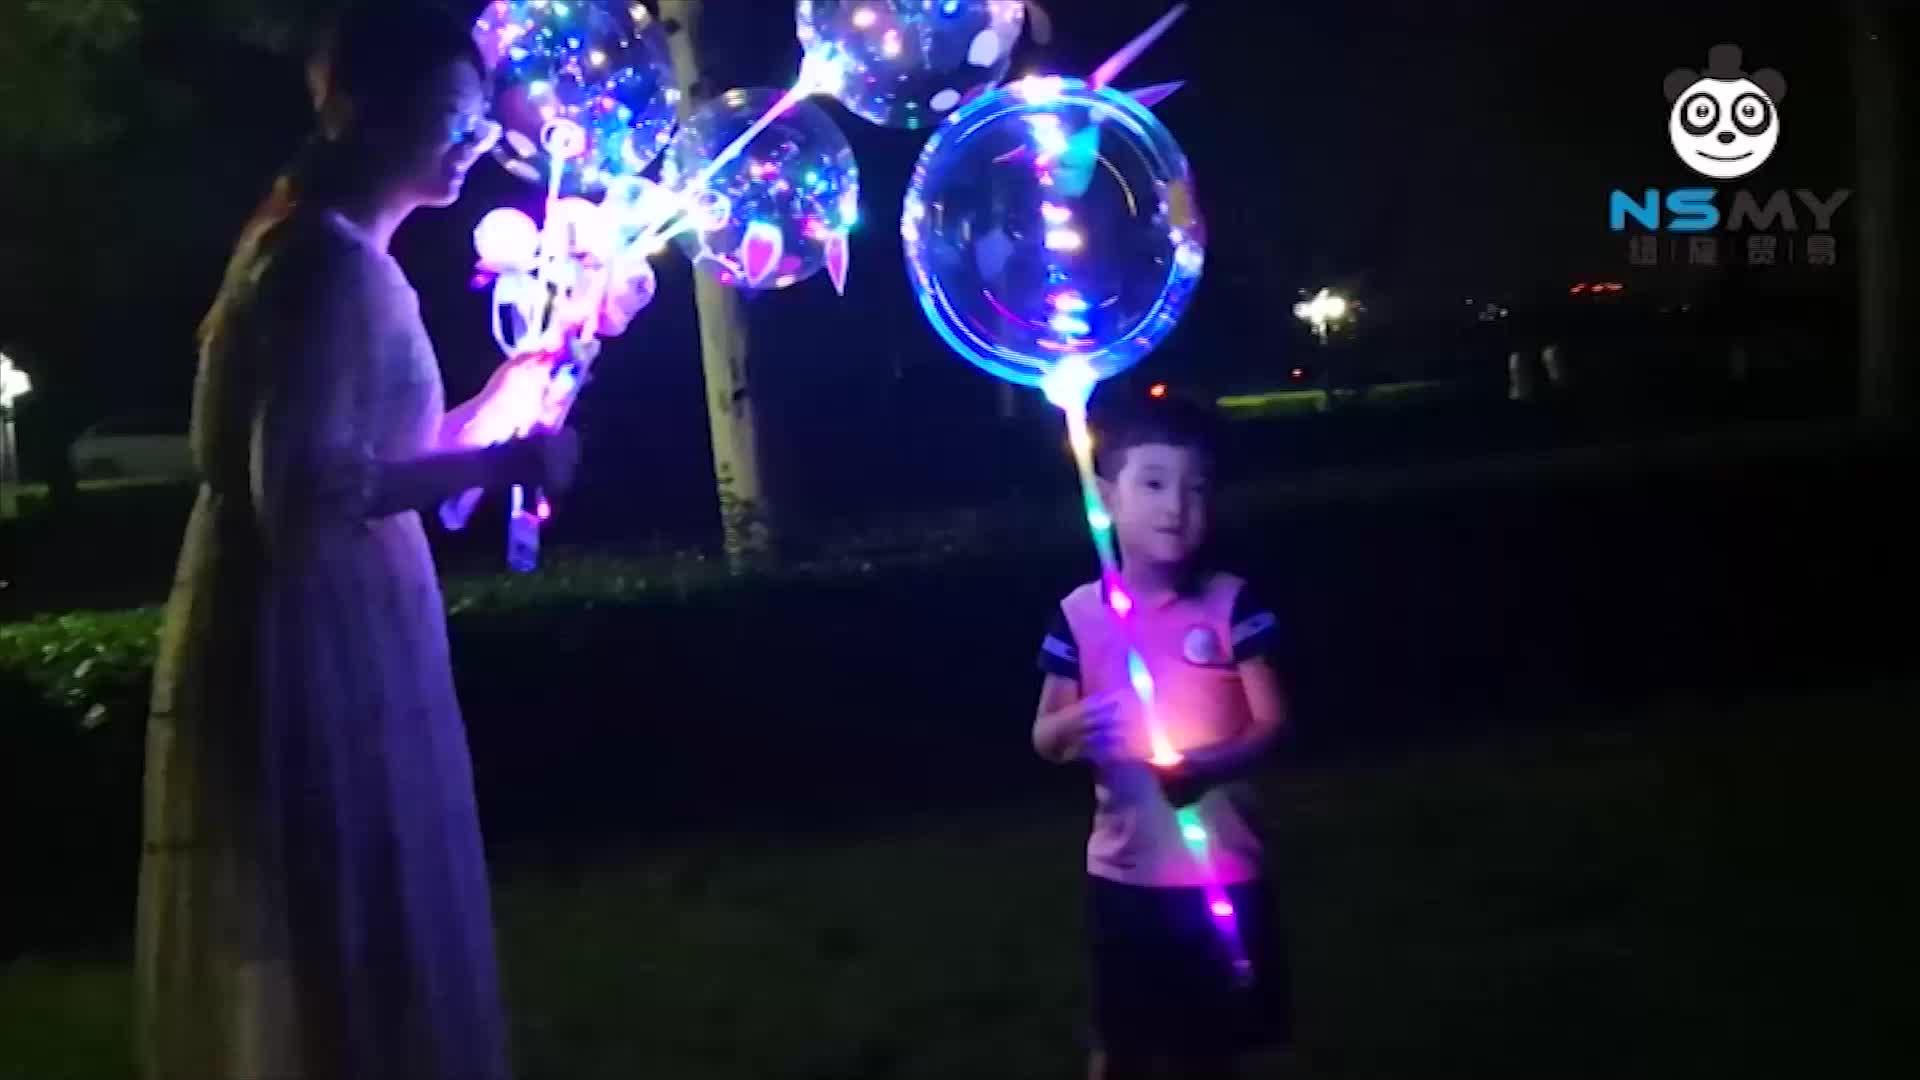 customised helium inflatable advertising new design toys 3D balon led balloon light sticker for lighting globos dog cat ballon